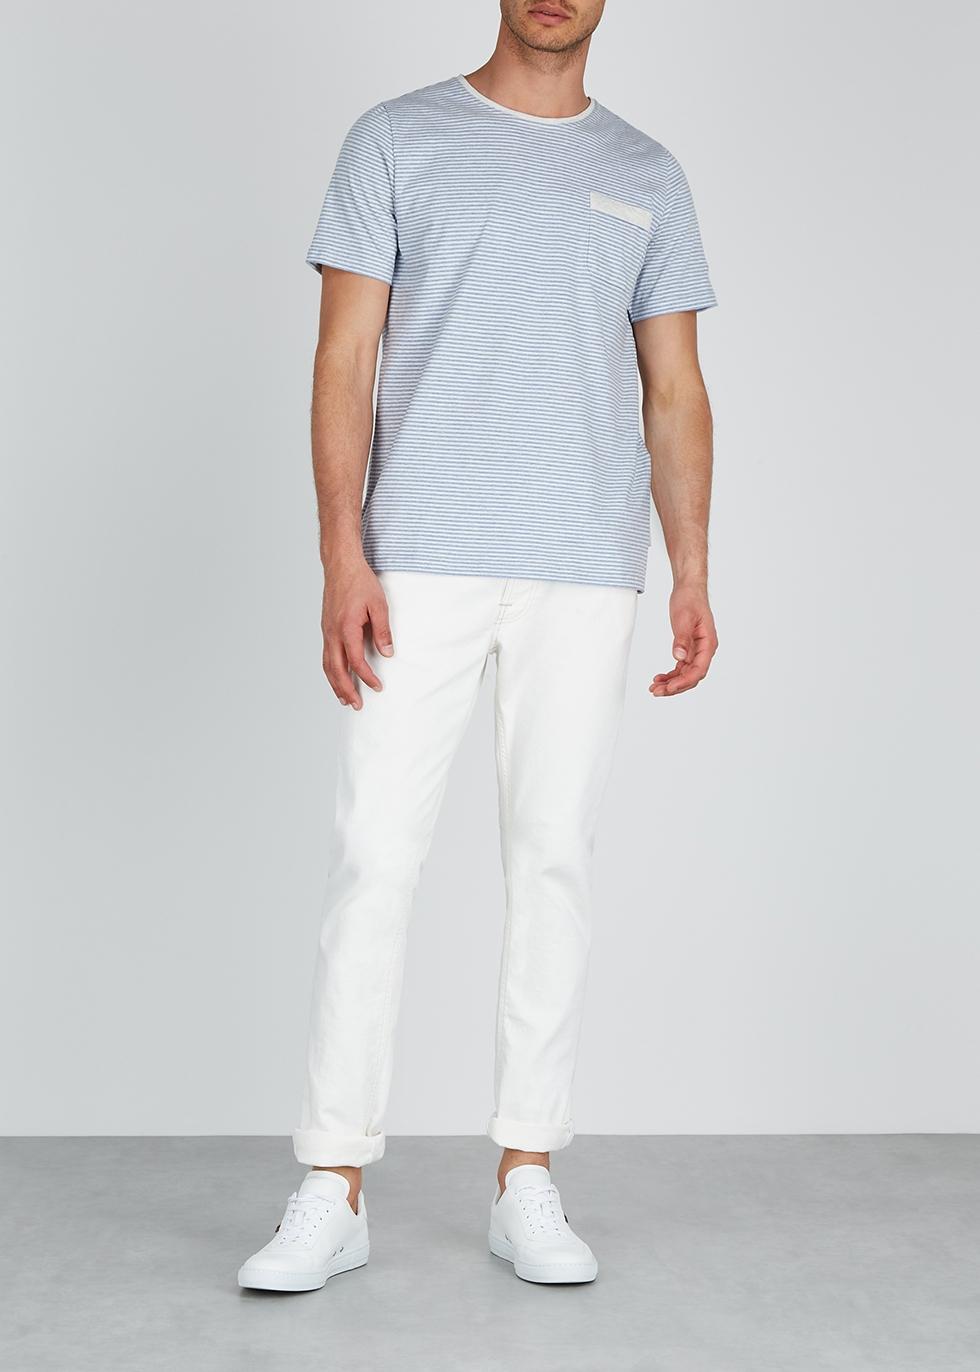 Blue striped cotton T-shirt - Oliver Spencer